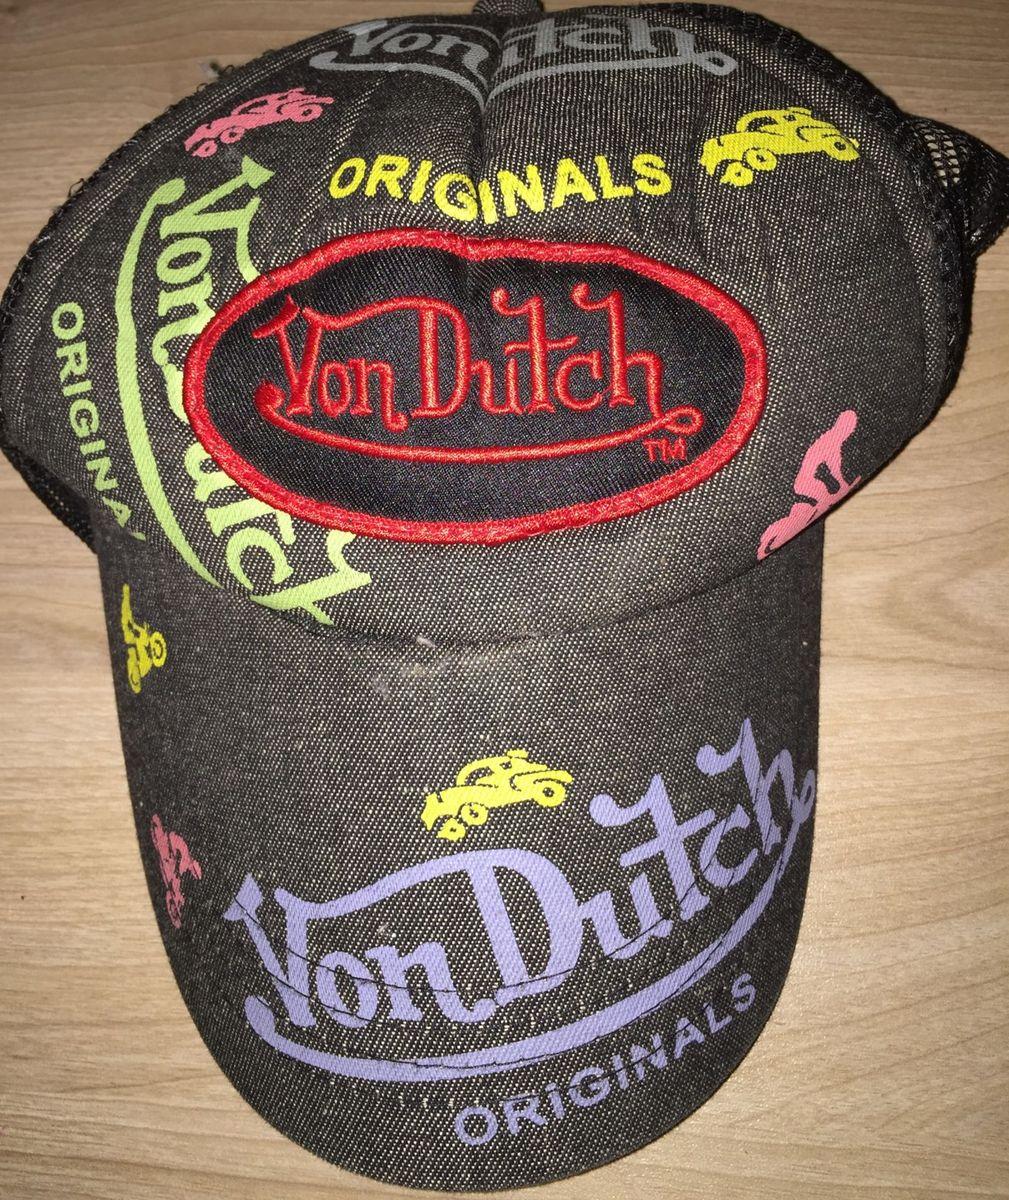 boné von dutch original - chapeu von-dutch.  Czm6ly9wag90b3muzw5qb2vplmnvbs5ici9wcm9kdwn0cy80nzmyoda2lzrhowq4nzmzyje2ngqxmzfmmwjjnmqzndrkmtfjnzy4lmpwzw  ... 936a0c6b14f